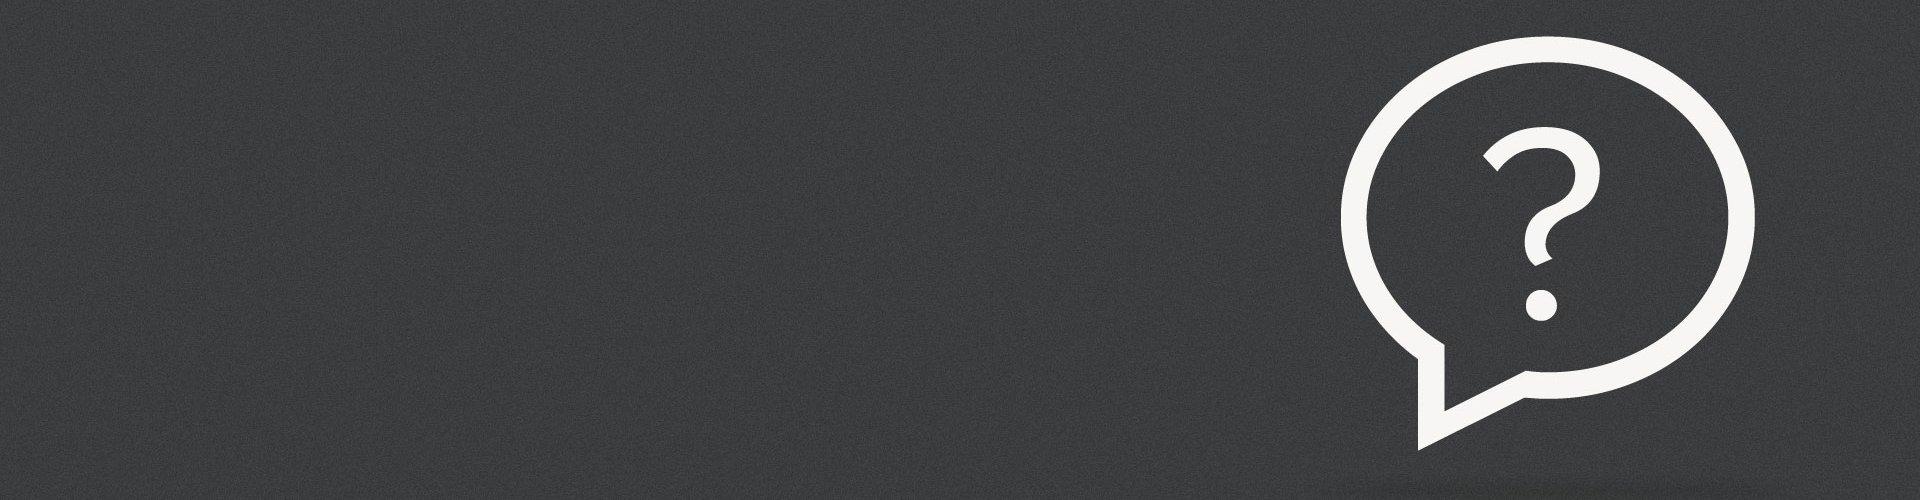 bannerspot-faq-1920x500